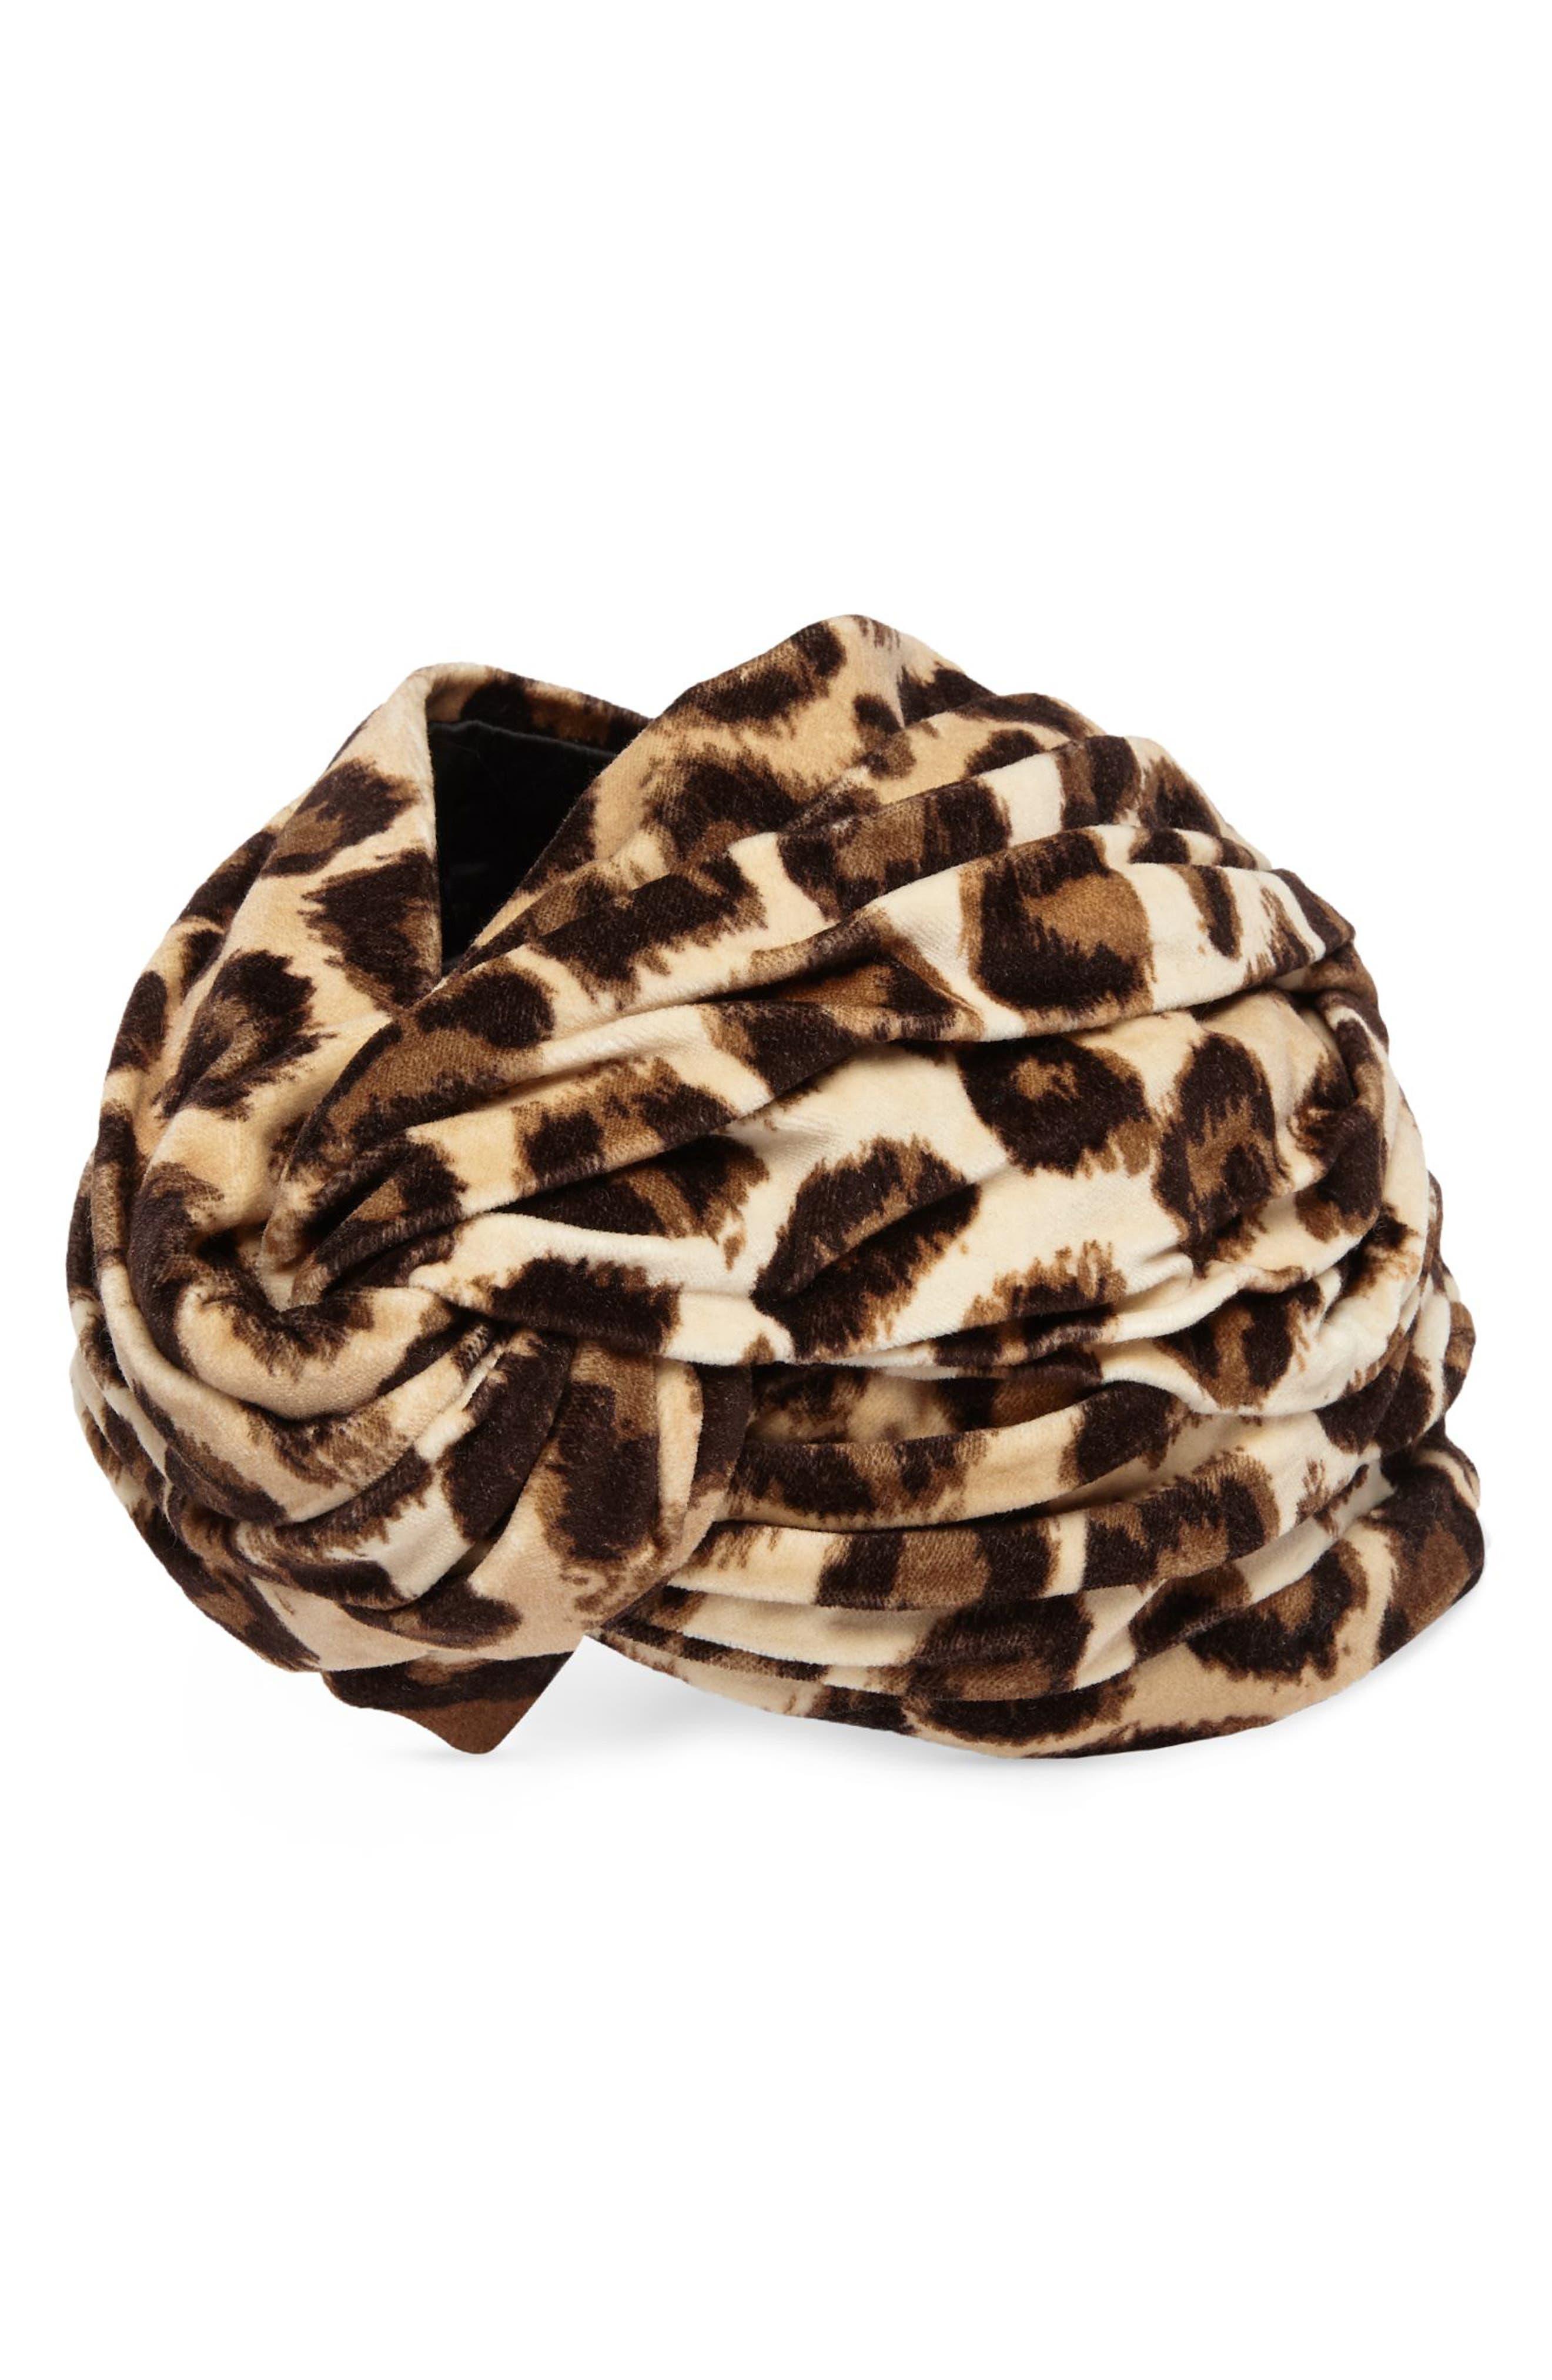 Lucileo Leopard Velvet Turban Headband,                             Alternate thumbnail 2, color,                             Beige/ Black